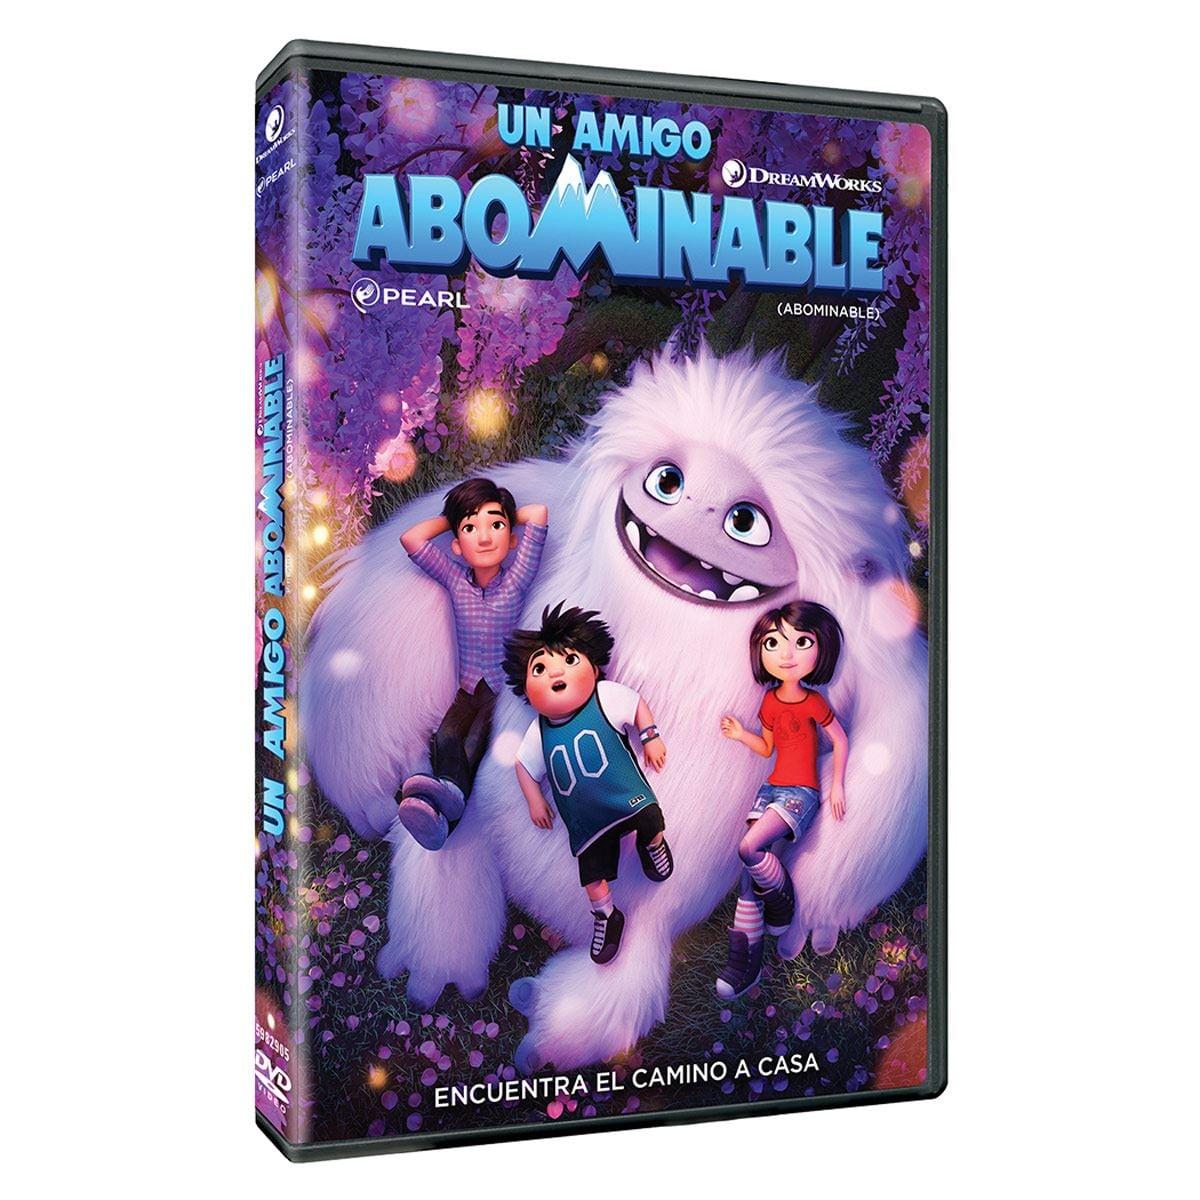 DVD Un Amigo Abominable